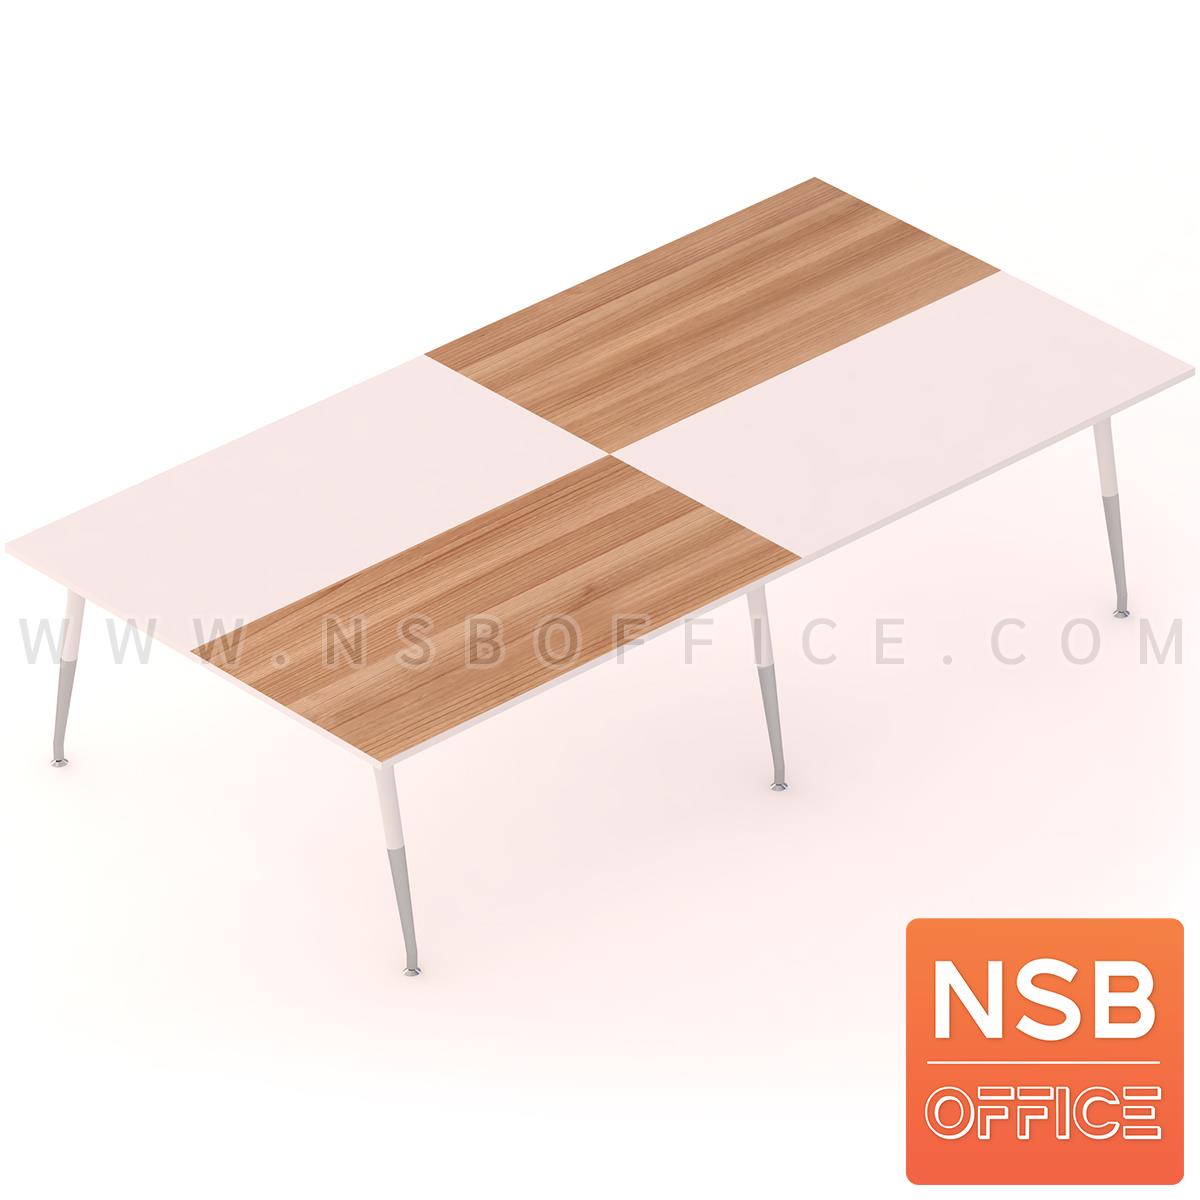 A05A174:โต๊ะประชุมทรงสี่เหลี่ยมสลับสีลายตาราง  ขนาด 300W ,360W ,420W ,480W cm. ขาปลายเรียว